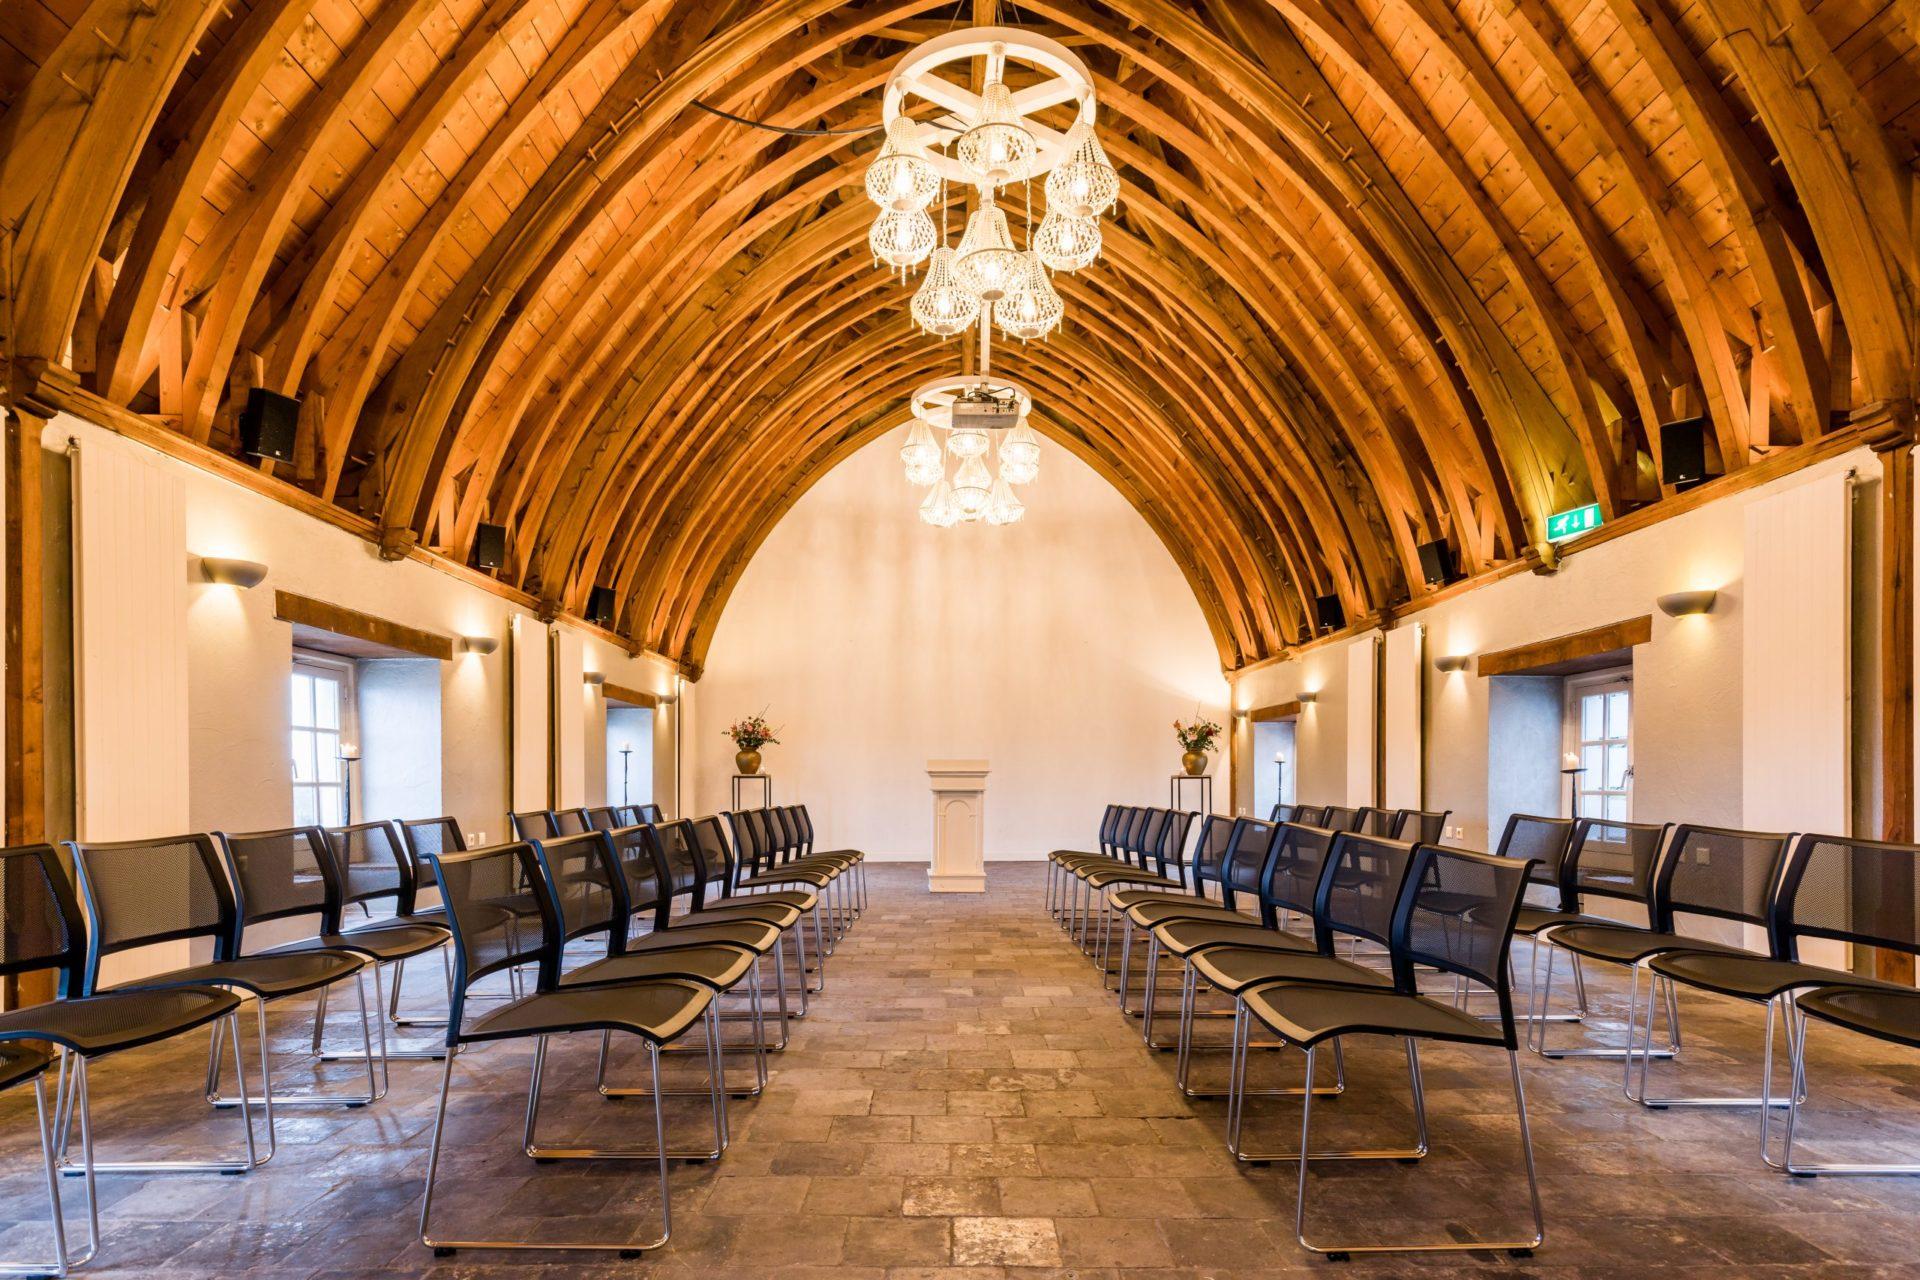 kasteel woerden zakelijk event vergadering centraal in groene hart van randstad congres regio utrecht en Schiphol voldoende parkeerplaatsen goed bereikbaar dichtbij centraal station